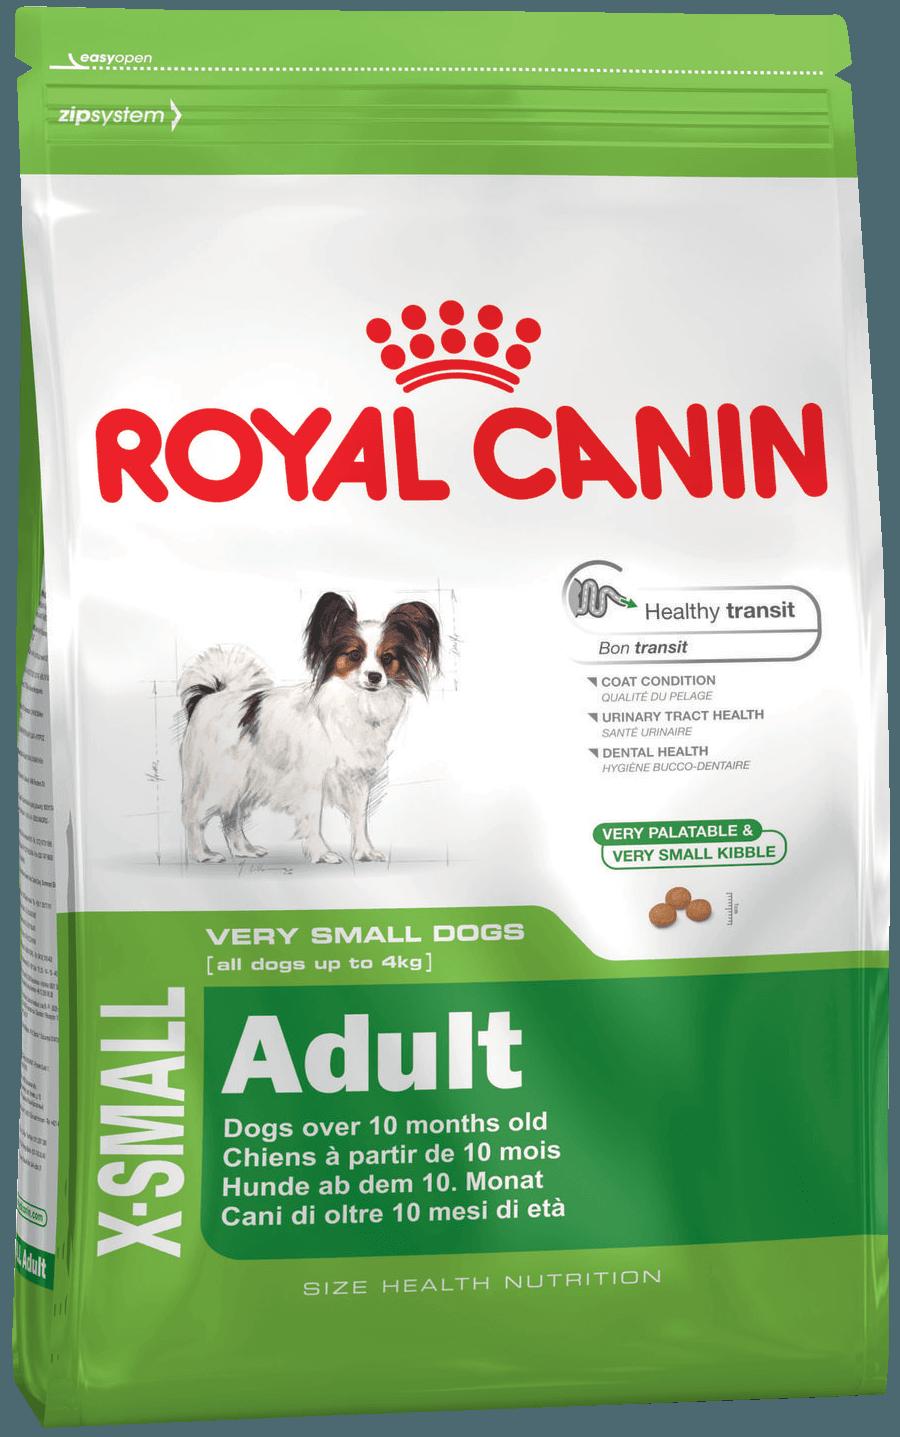 Royal Canin Икс Смол Эдалт 3кг (уп4) Kormberi.ru магазин товаров для ваших животных